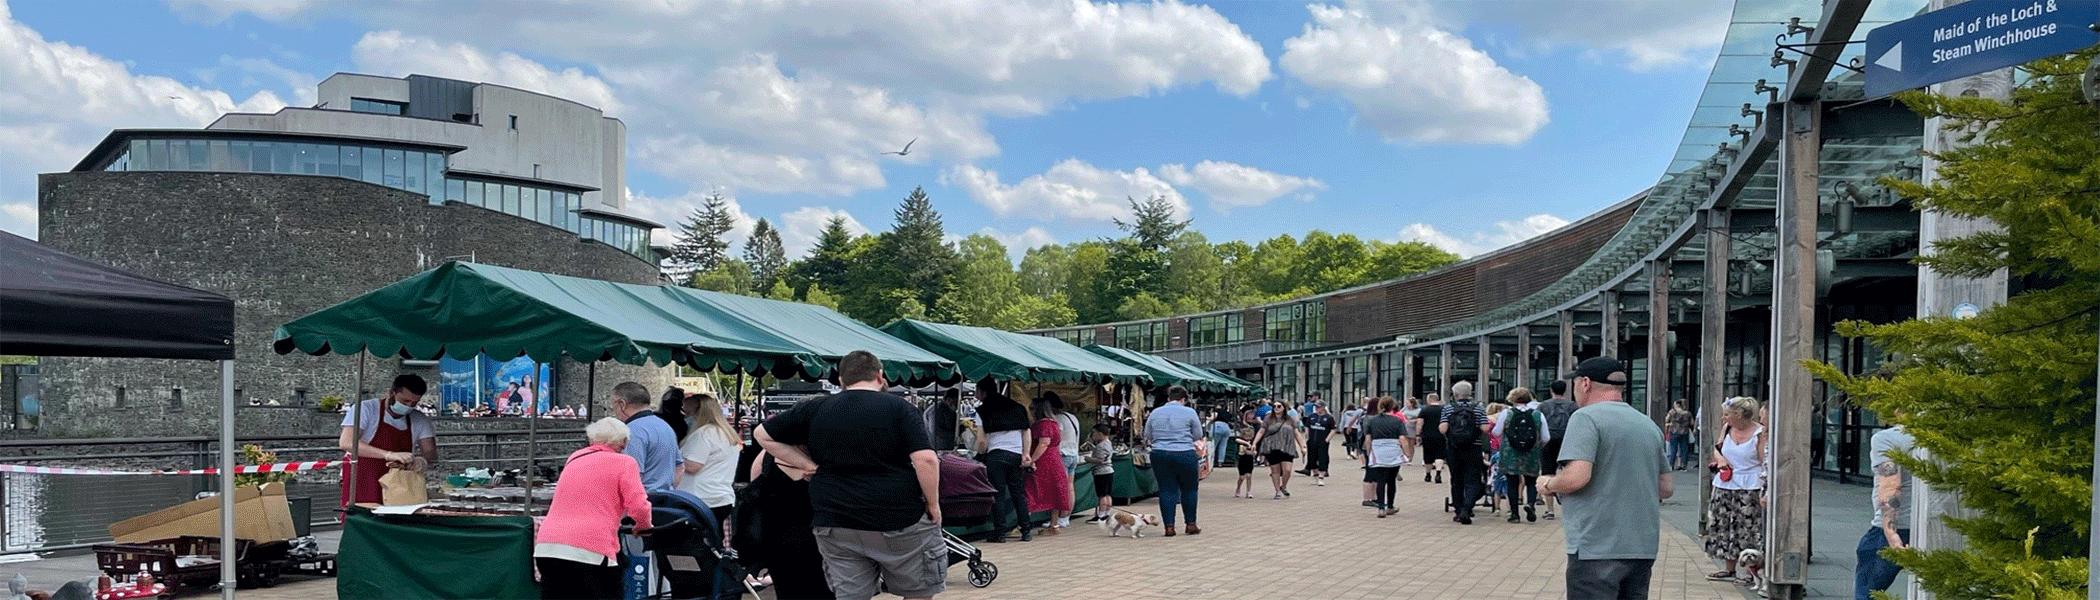 LochLomondShores-shops-market